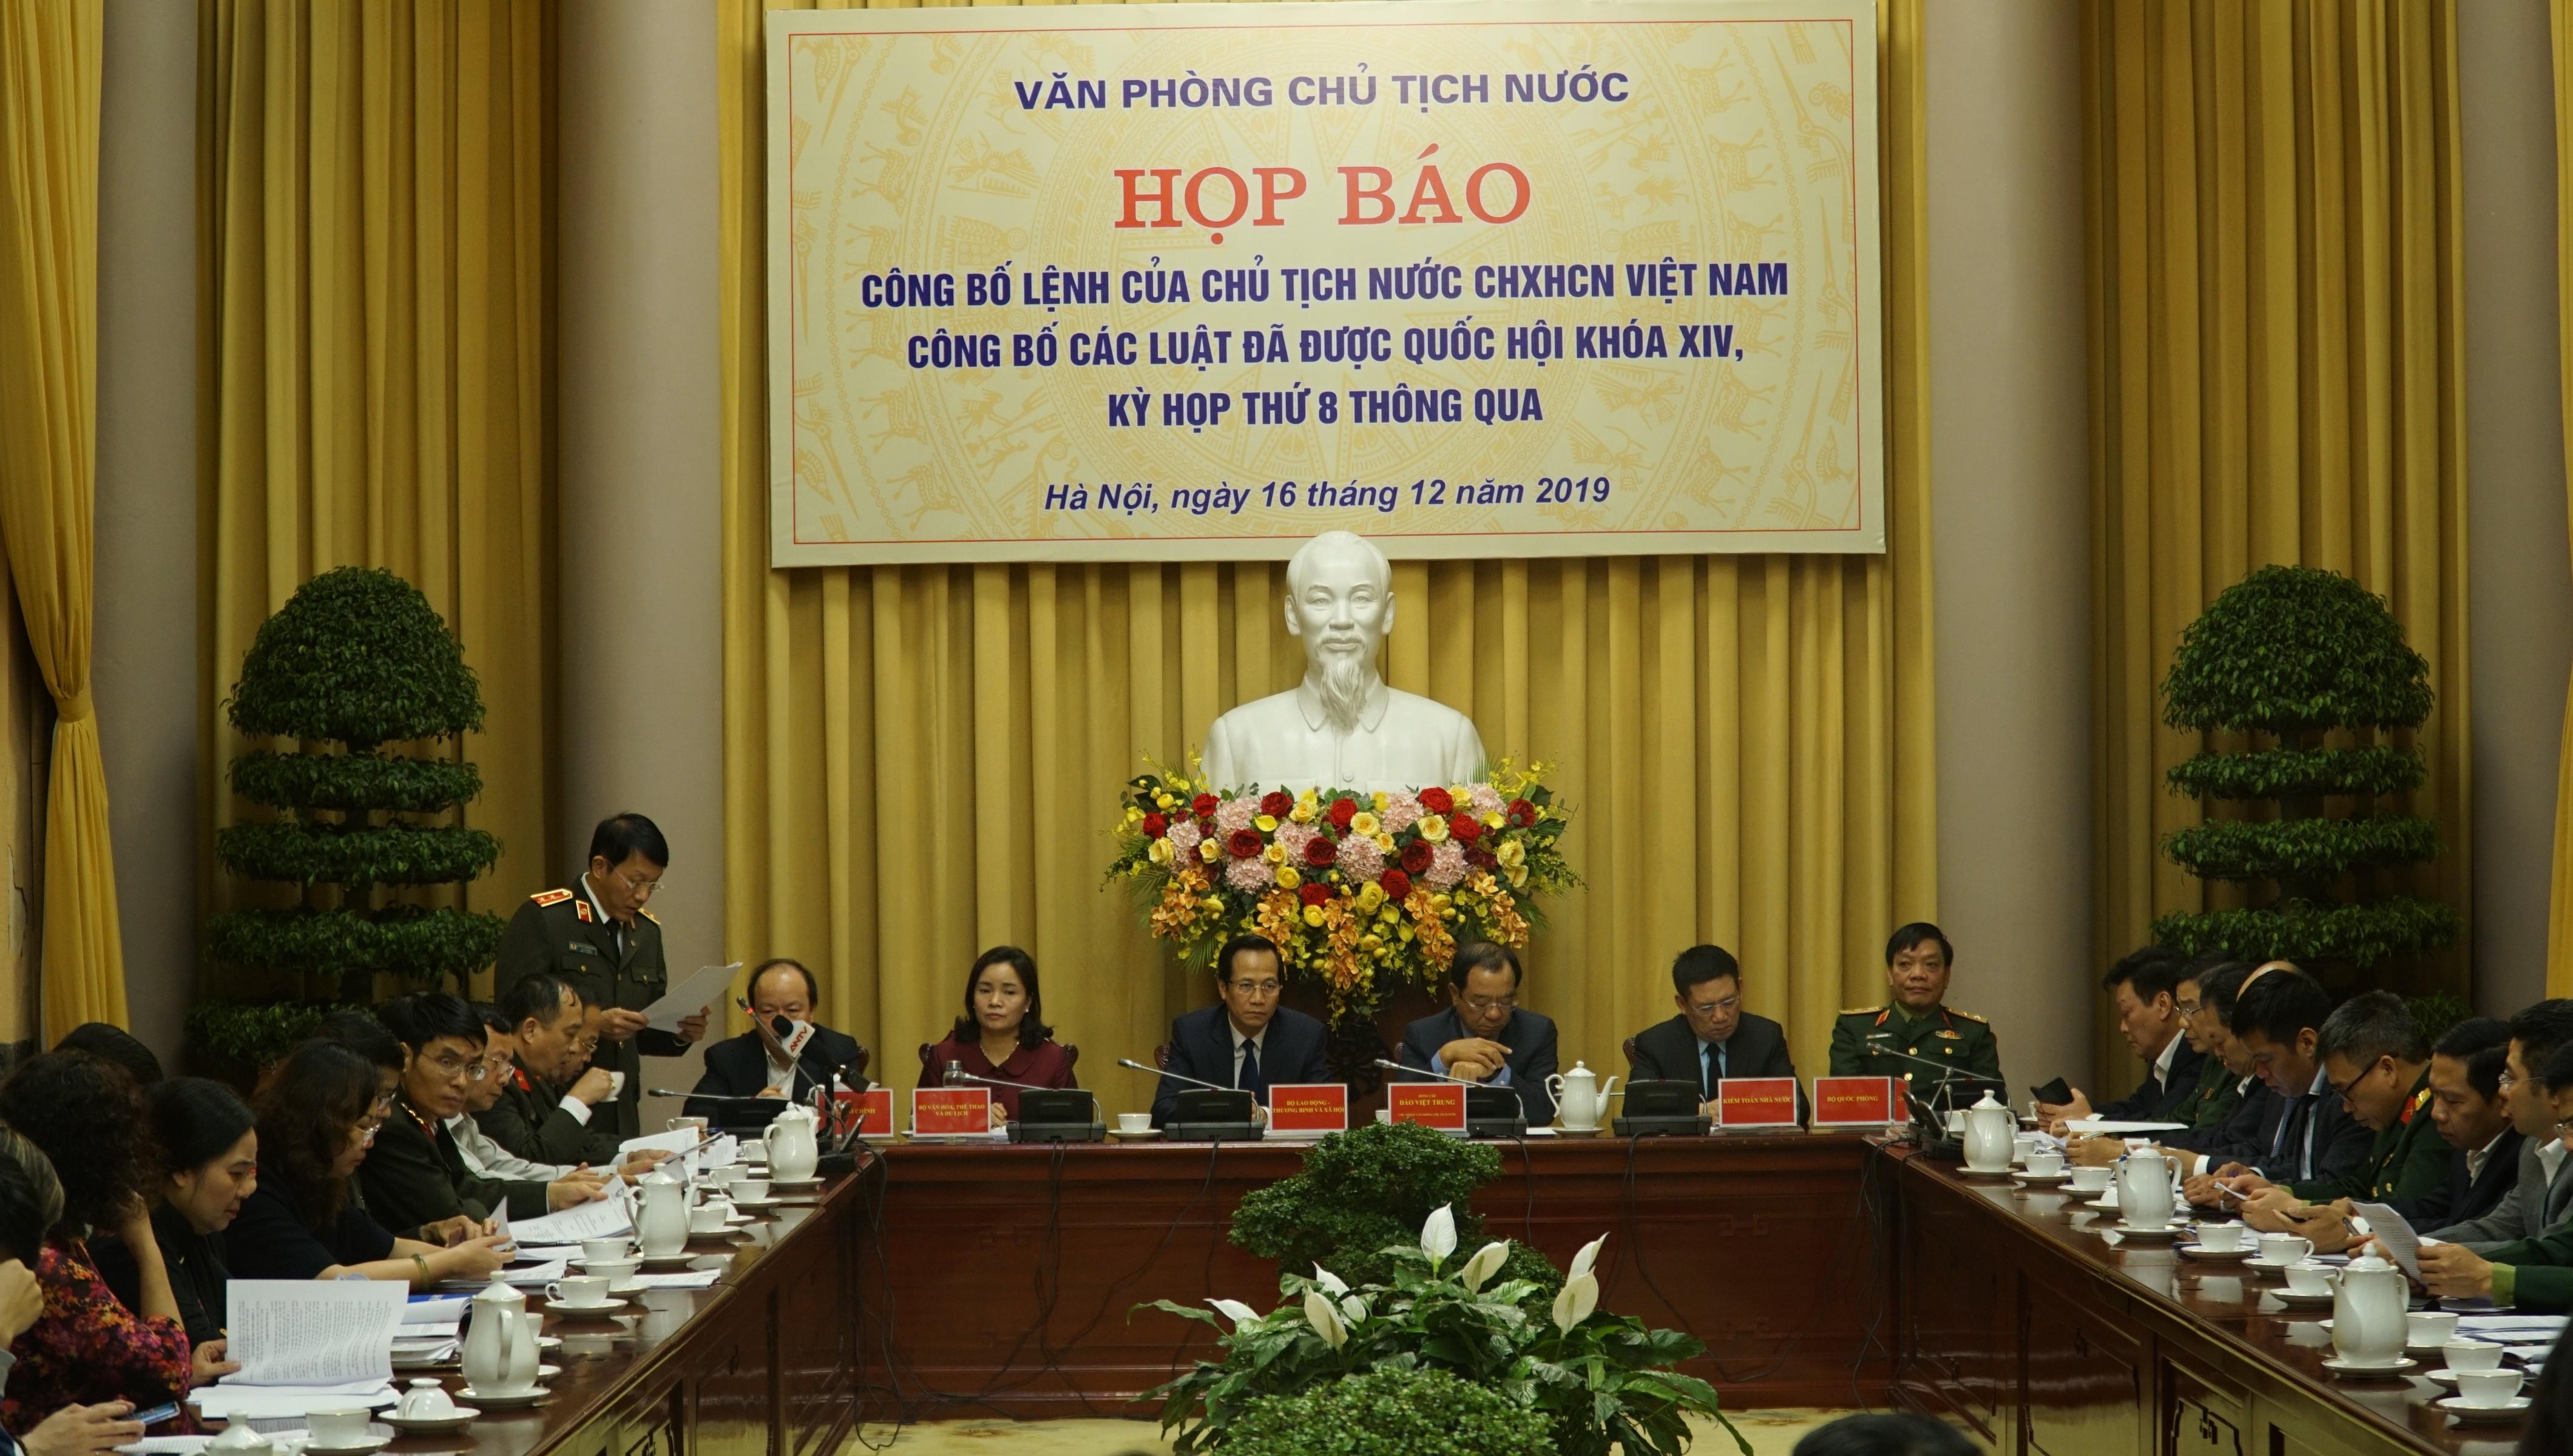 Buổi họp báo công bố lệnh của Chủ tịch nước CHXHCN Việt Nam công bố các Luật đã được Quốc hội khóa XIV, kỳ họp thứ 8 thông qua. Ảnh: Người Đưa Tin